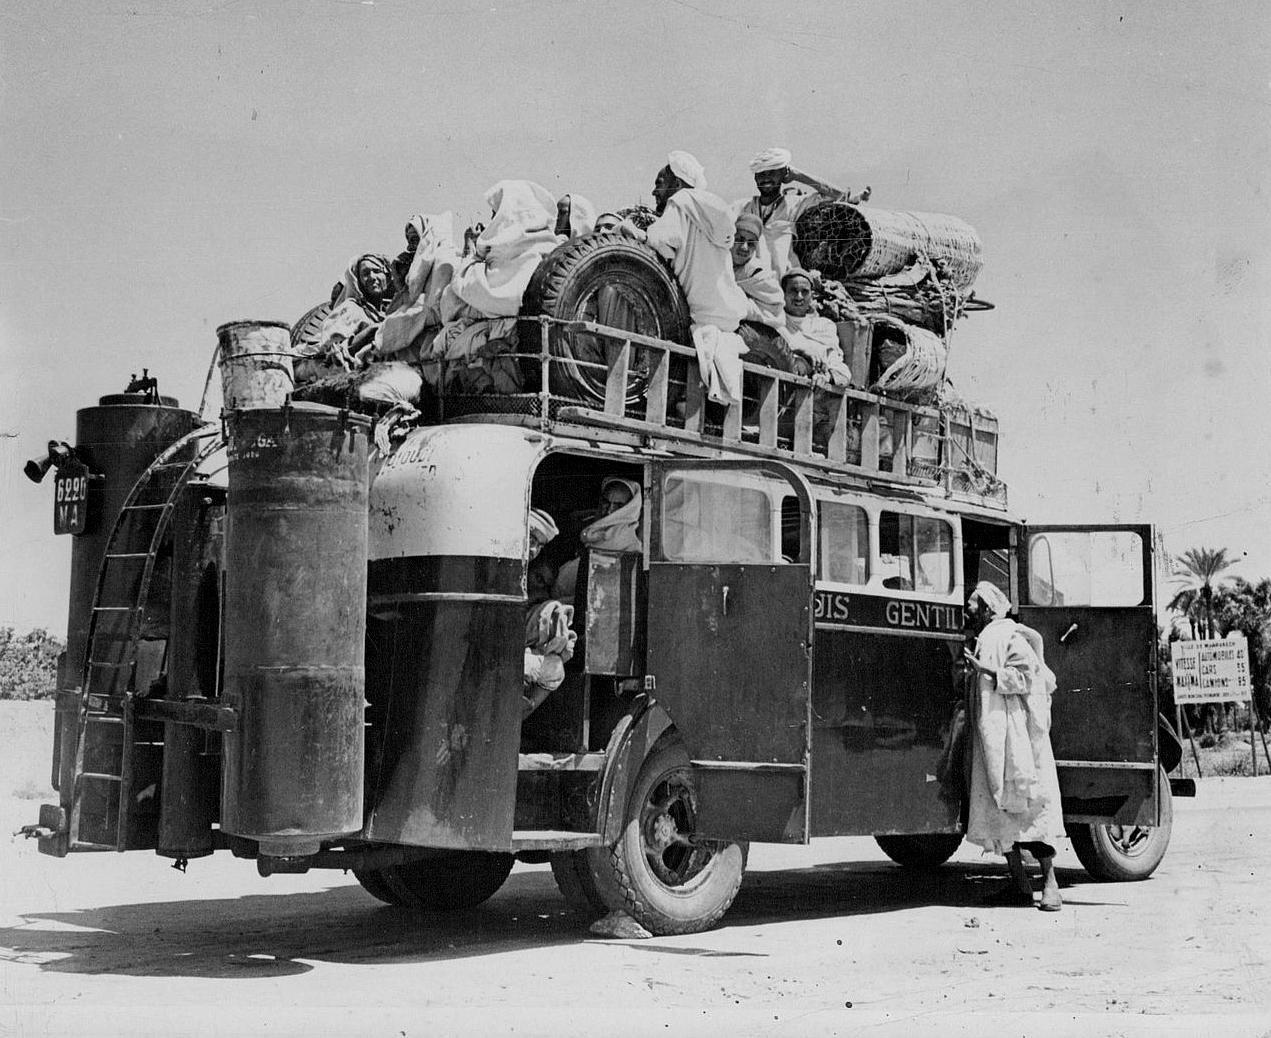 Transport Routier au Maroc - Histoire - Page 3 49925357341_f39214dd5e_o_d